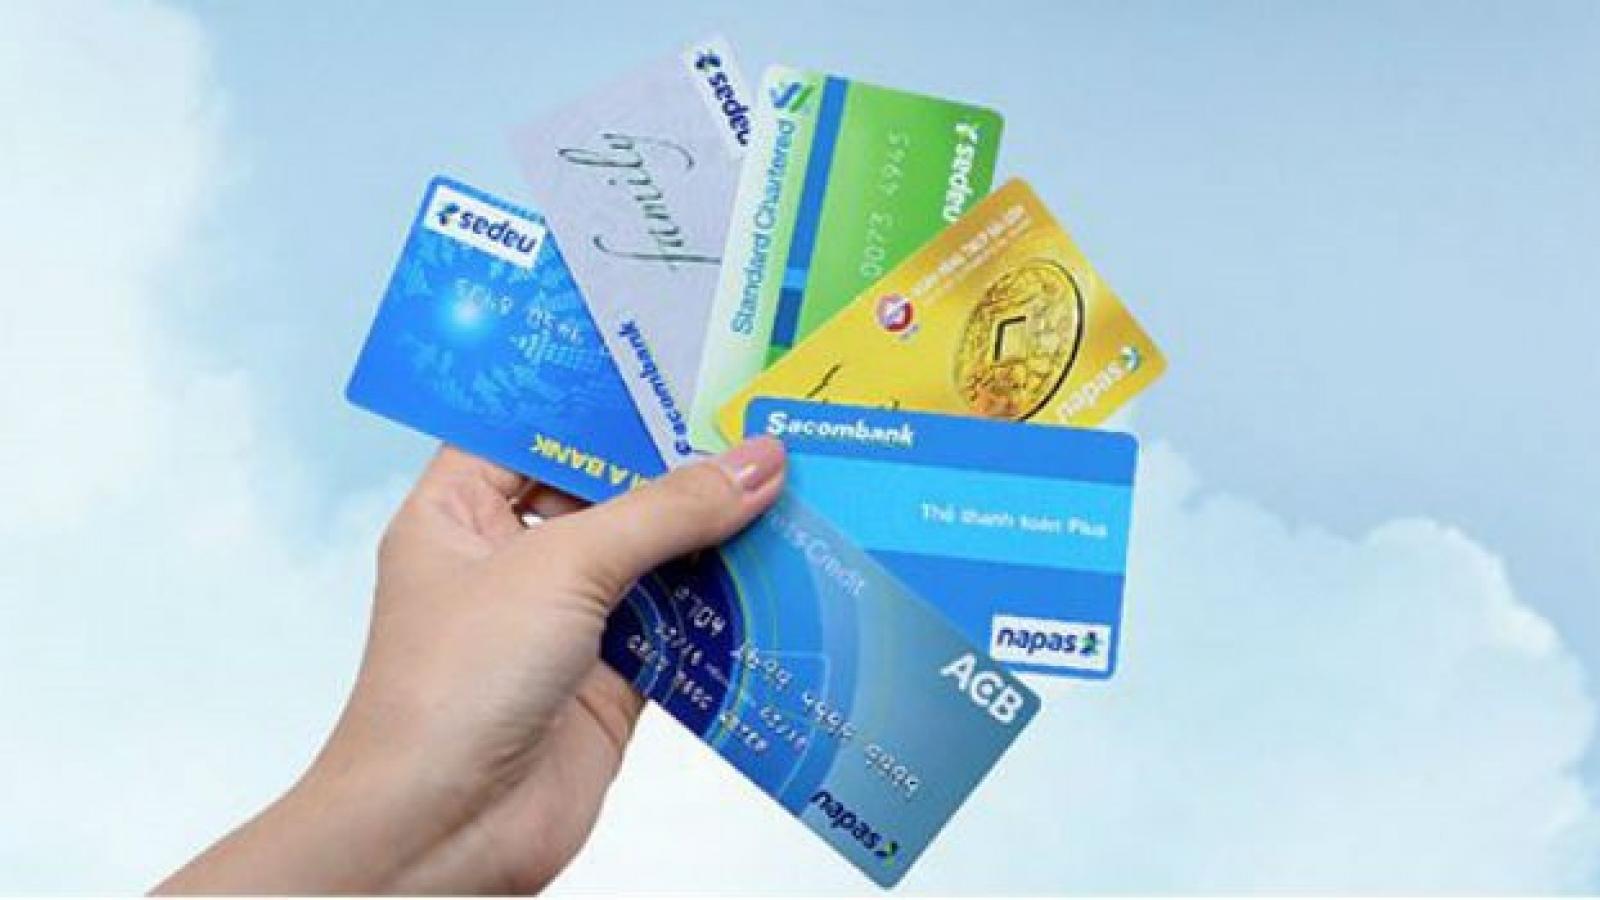 Ngân hàng miễn phí chuyển tiền hỗ trợ người dân gặp khó khăn do dịch